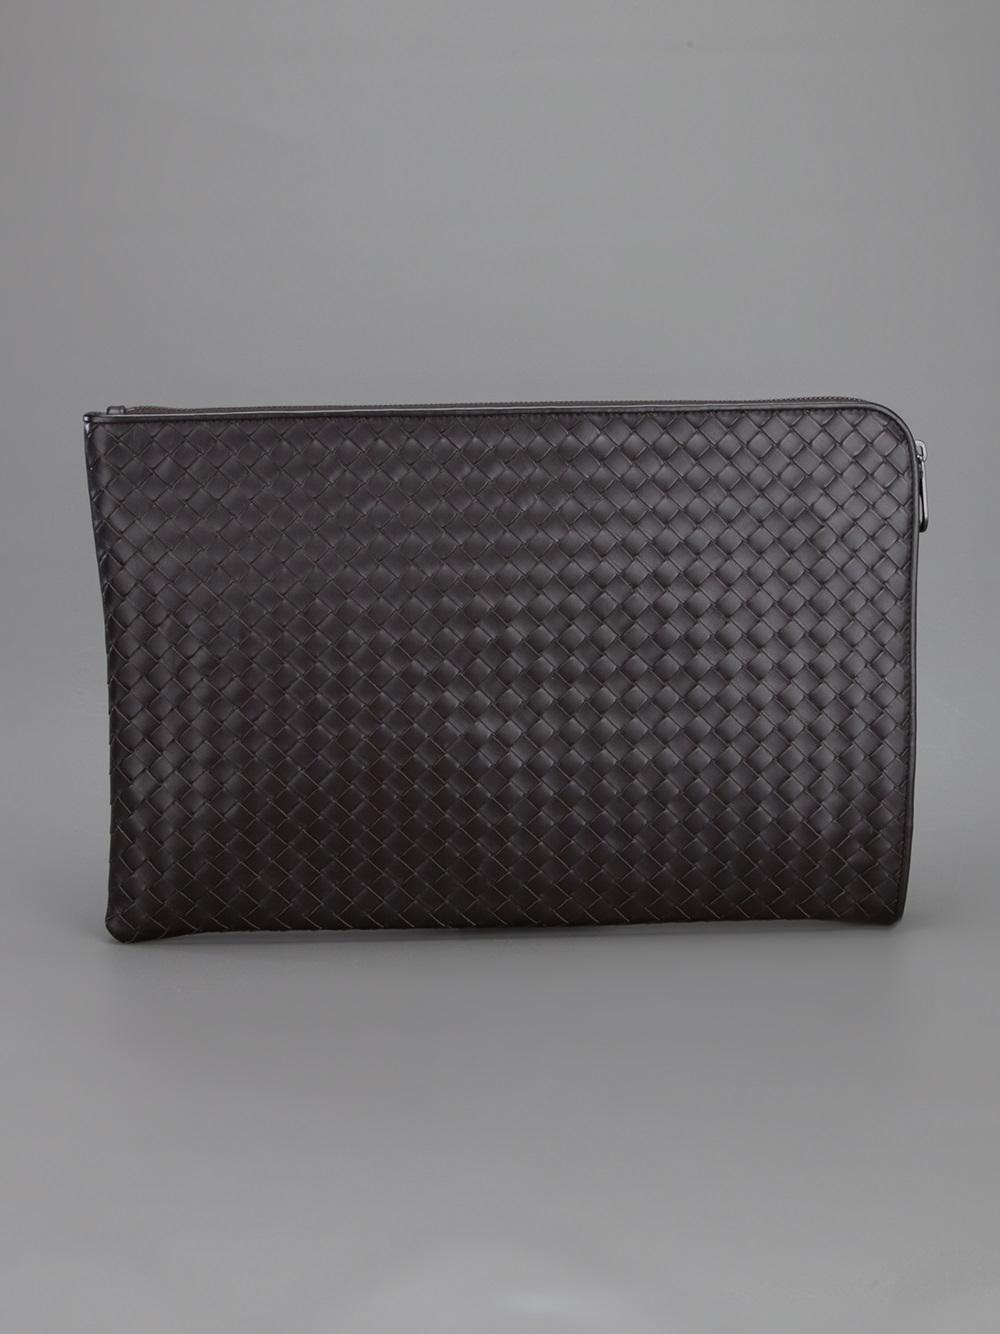 80d564378167 Bottega Veneta Woven Laptop Case in Brown for Men - Lyst